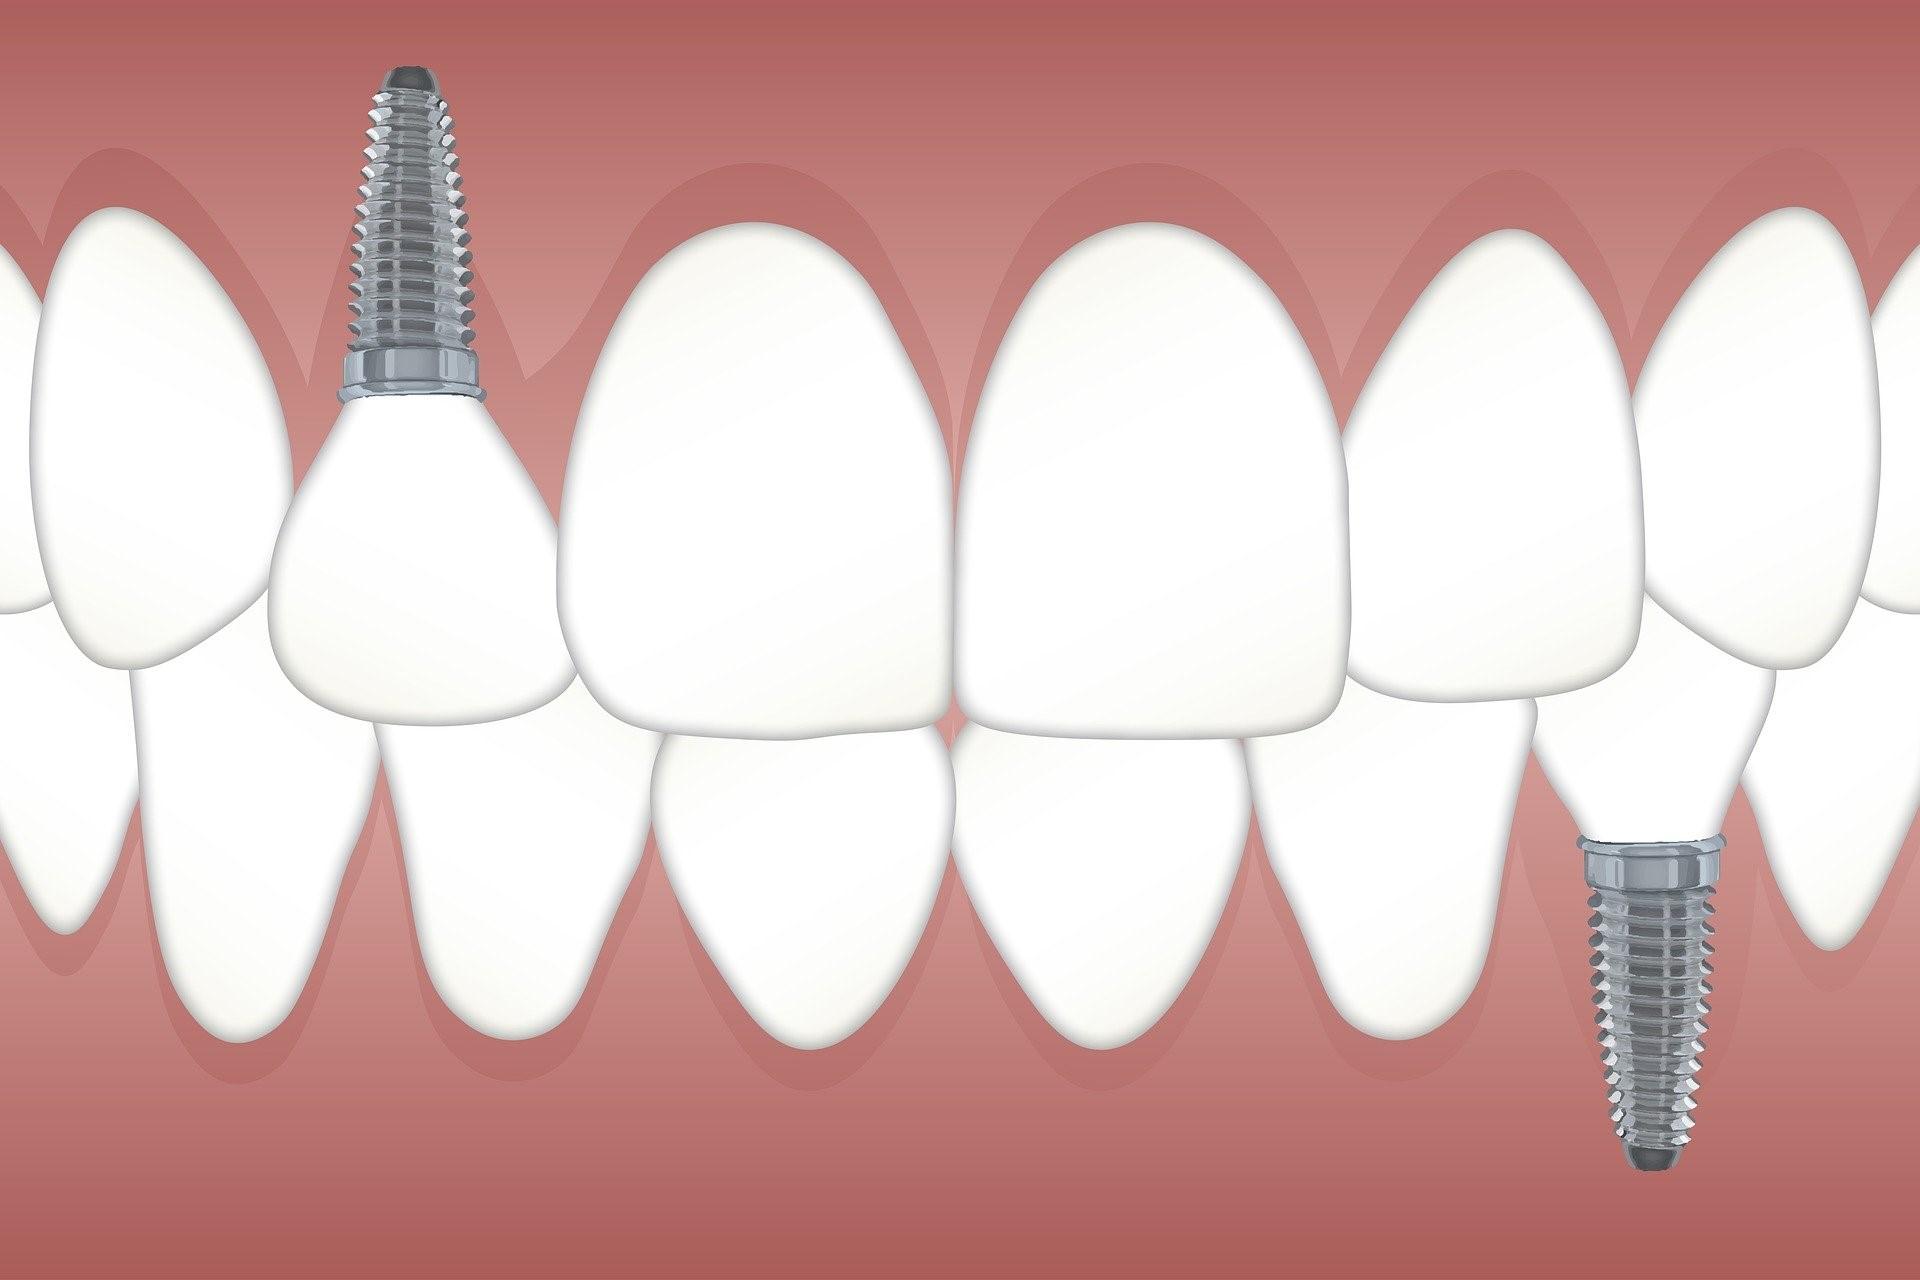 ig-dental-implantology